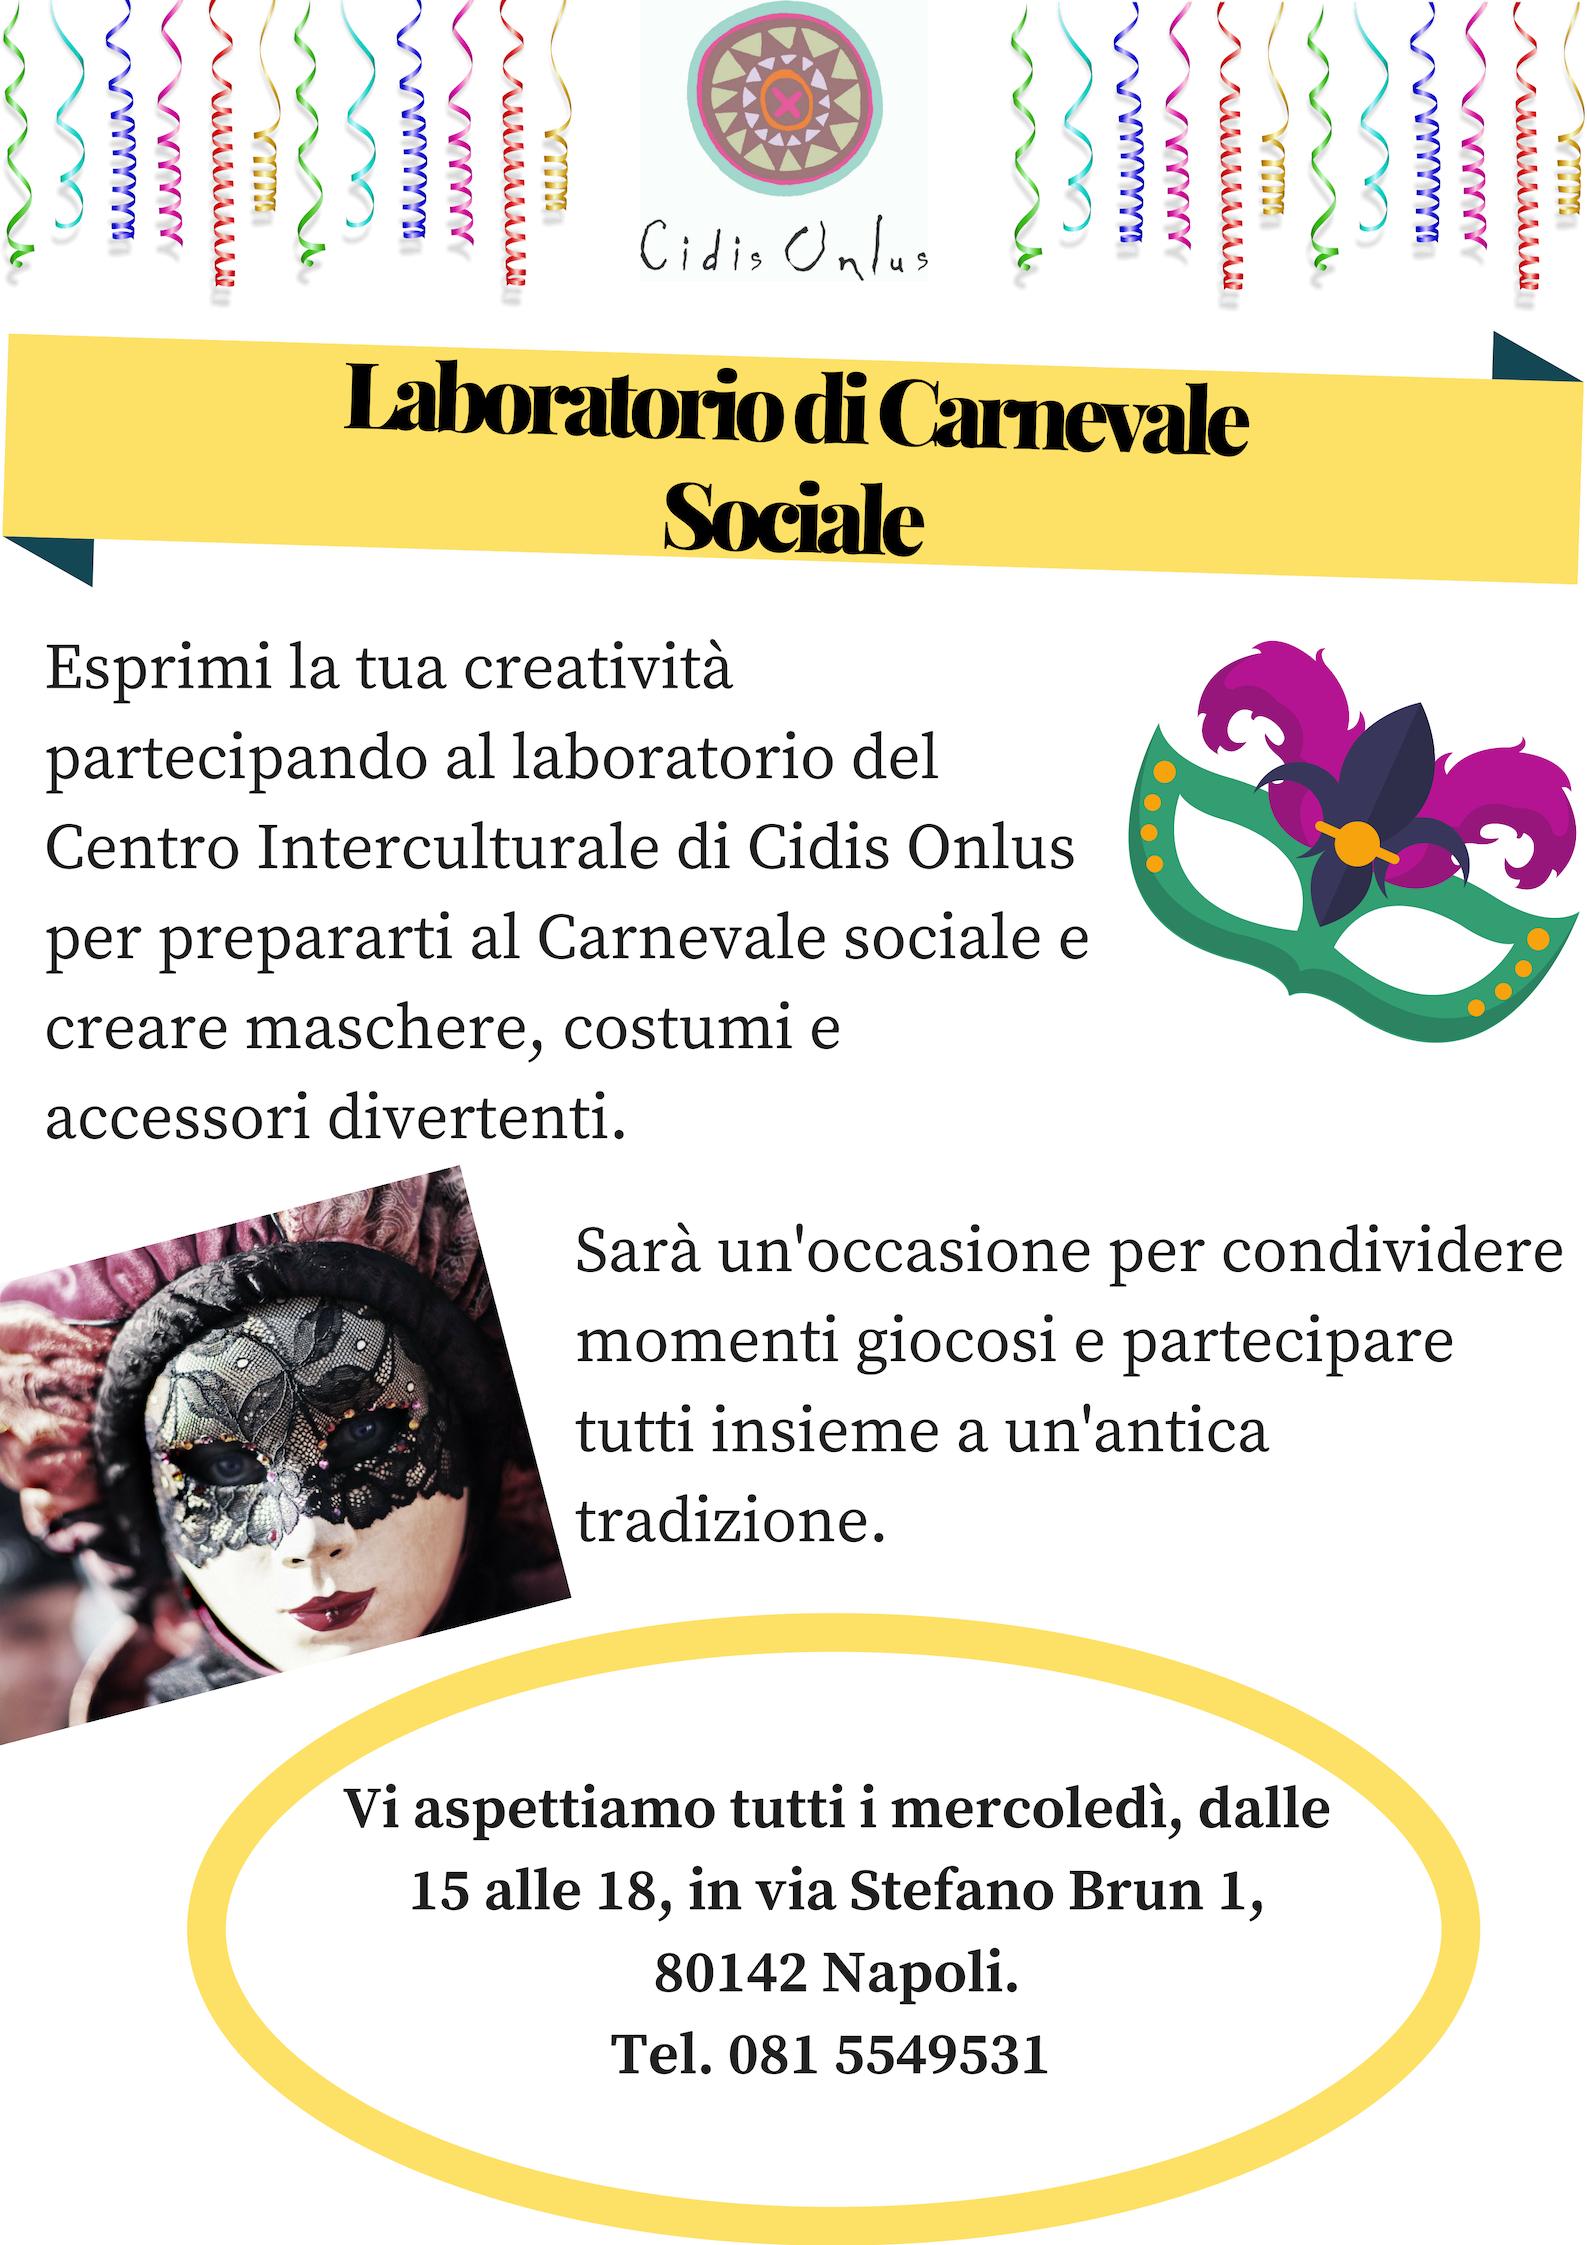 locandina laboratorio Carnevale Sociale